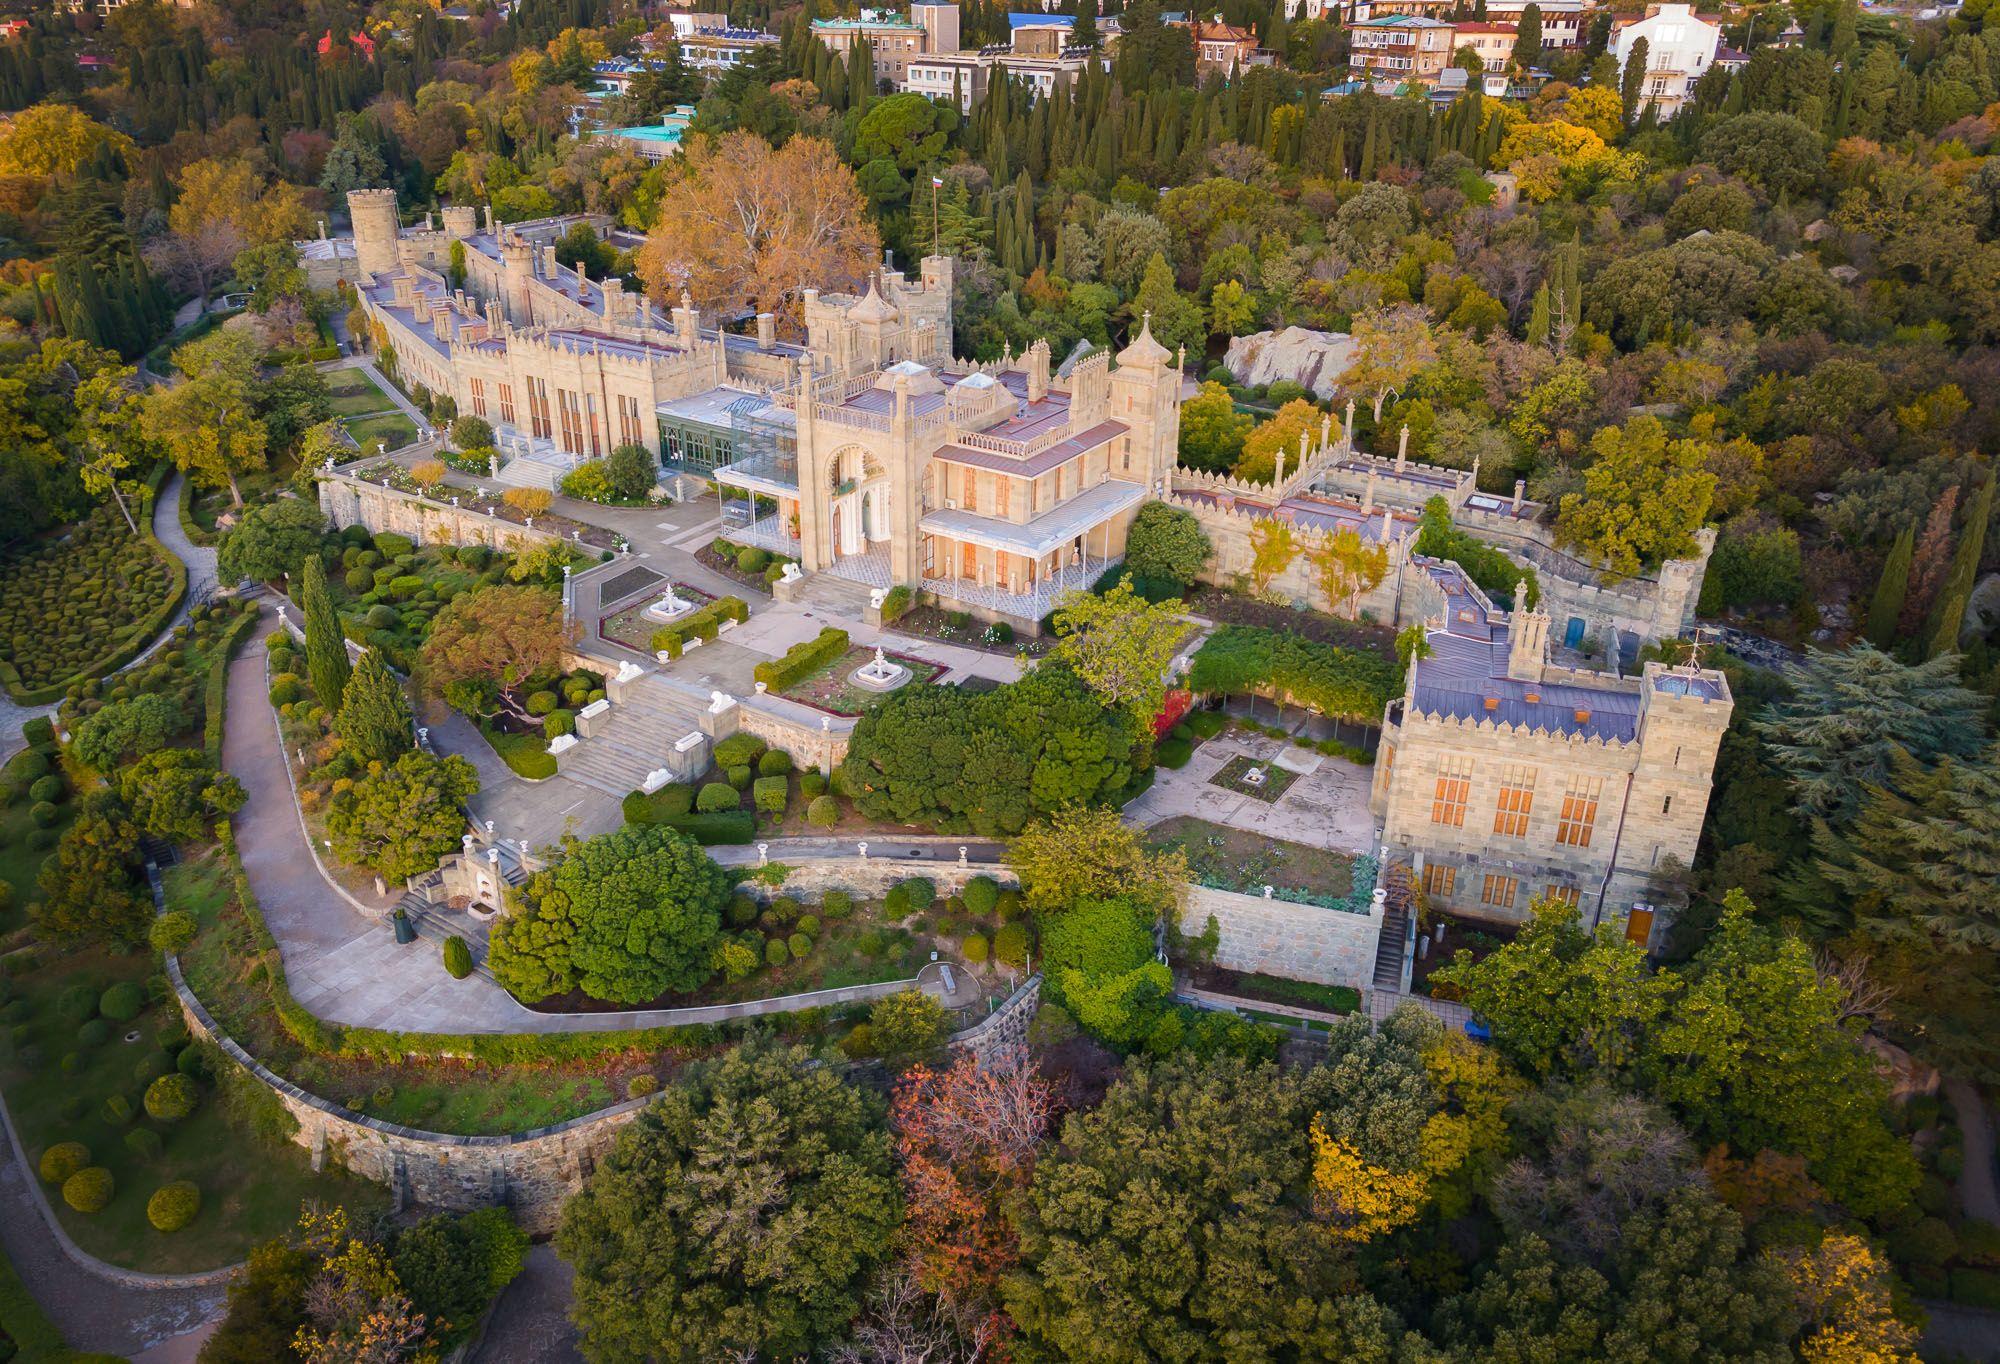 воронцовский дворец, алупка, ялта, граф воронцов, крым, пейзажи крыма, дворцы ялты, Titov Serge